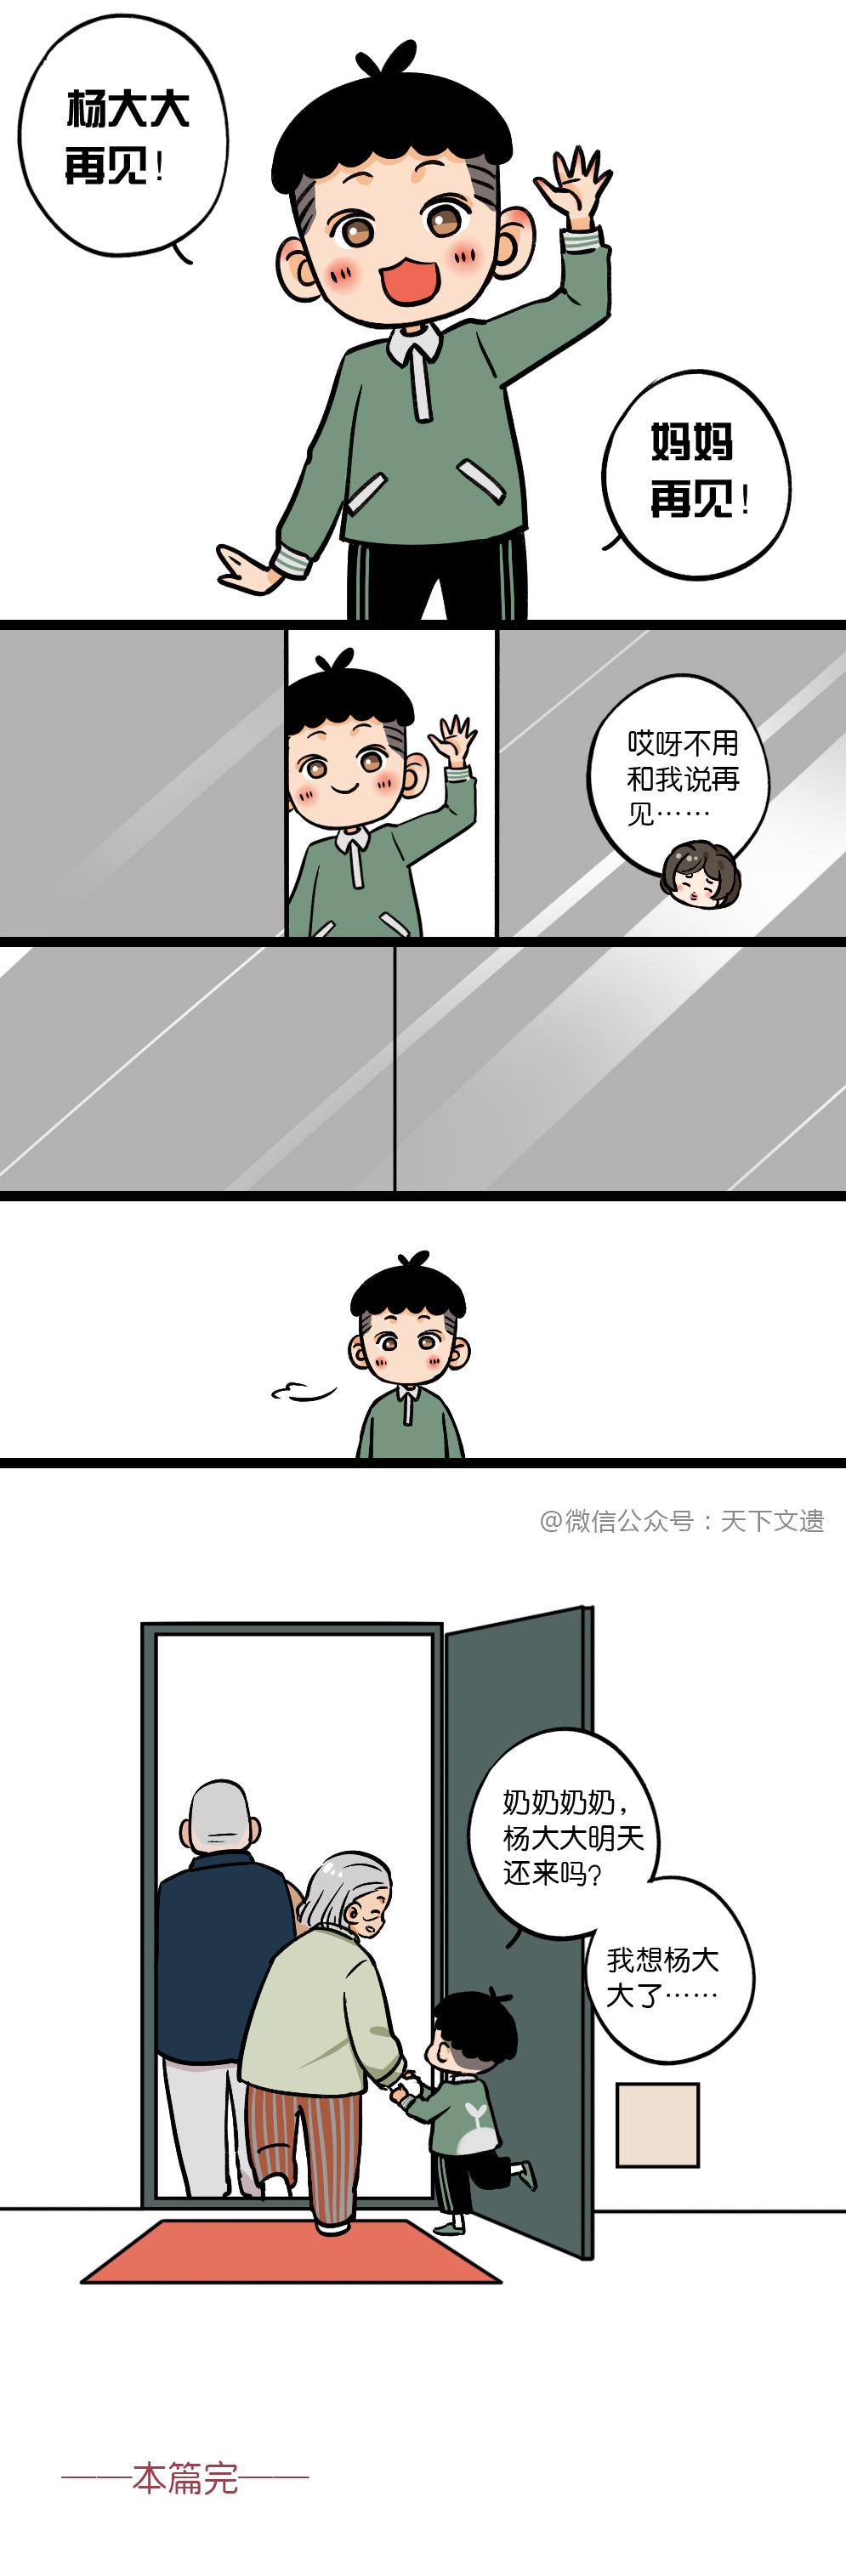 杨大大话家规第三期漫画定稿4.jpg